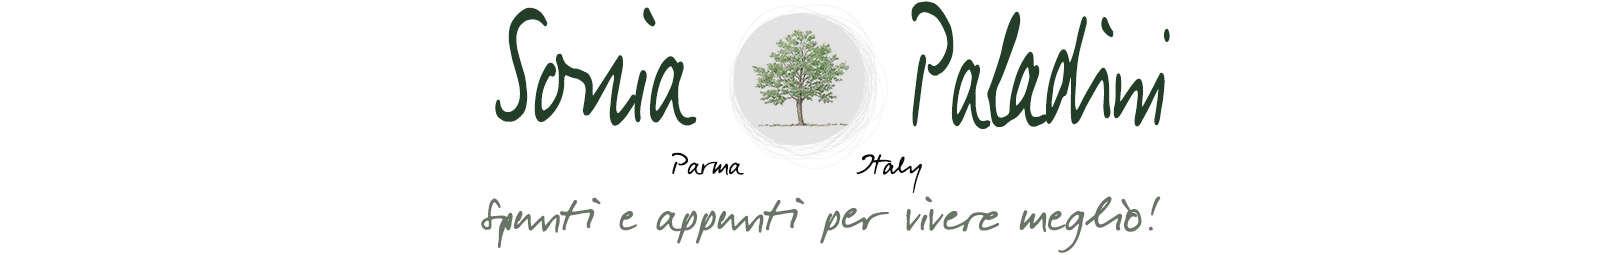 Sonia Paladini spunti e appunti per vivere meglio – Parma lifestyle blog -